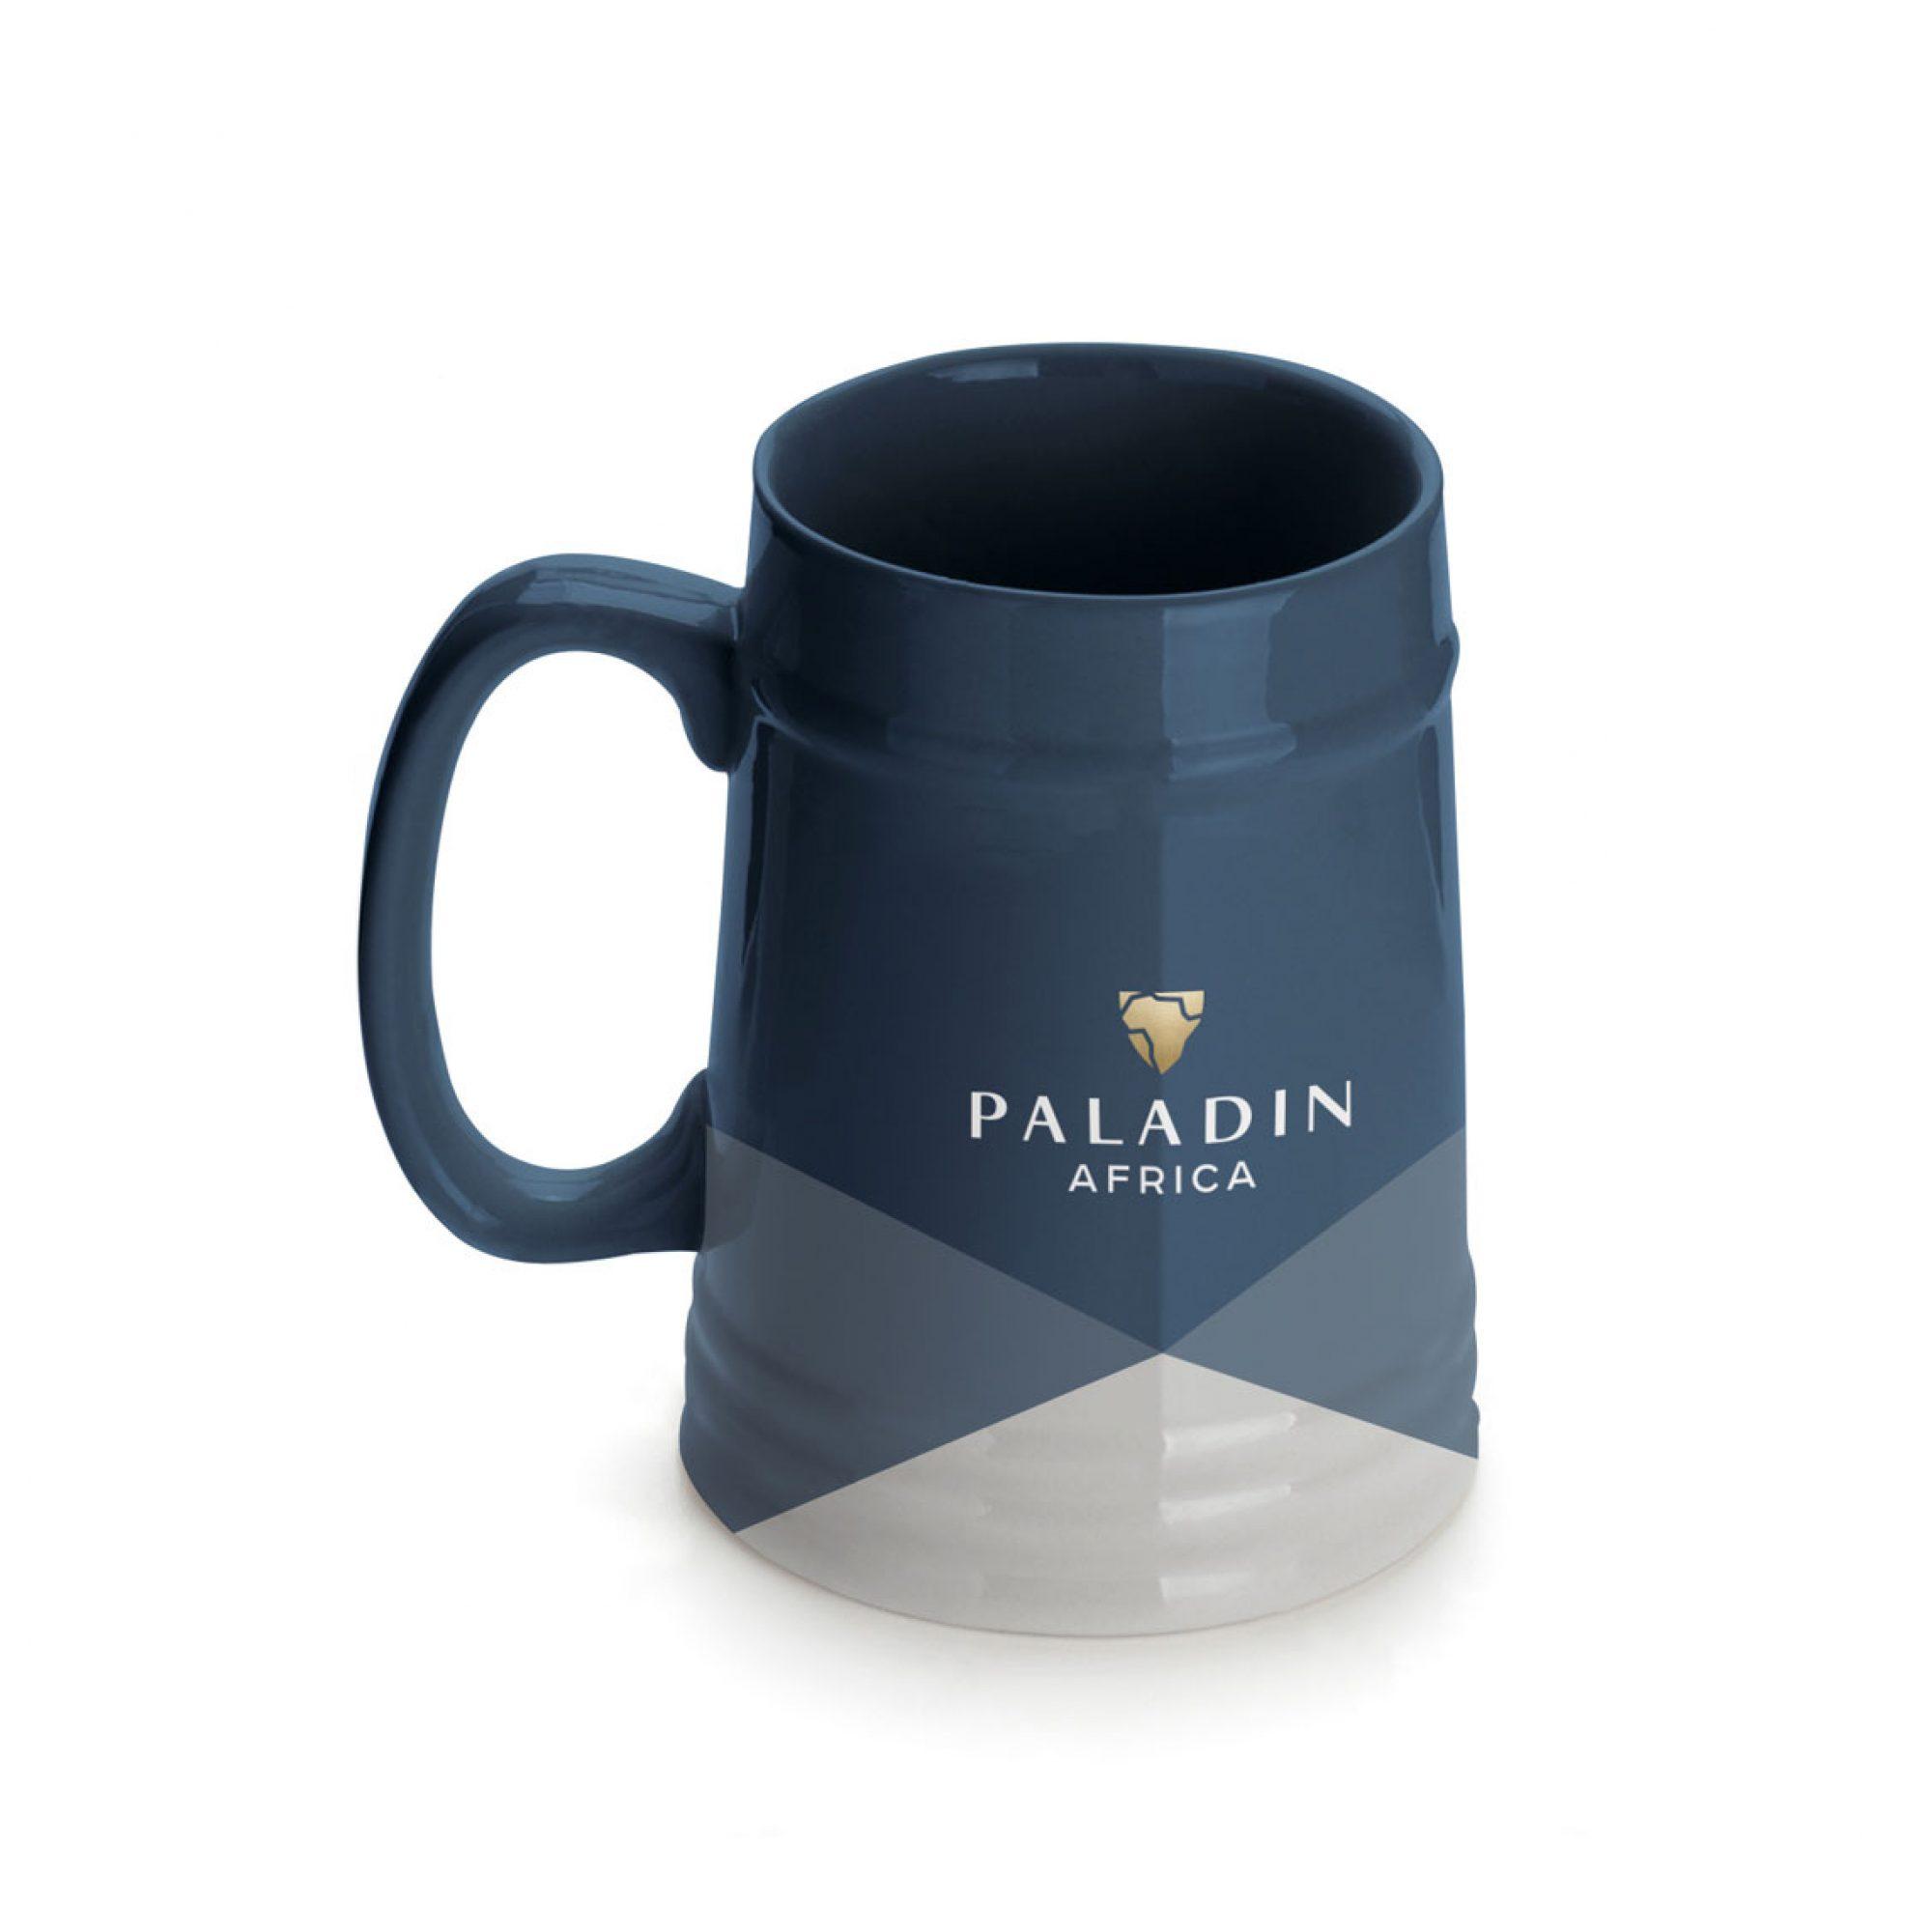 Paladin_Mug2_2